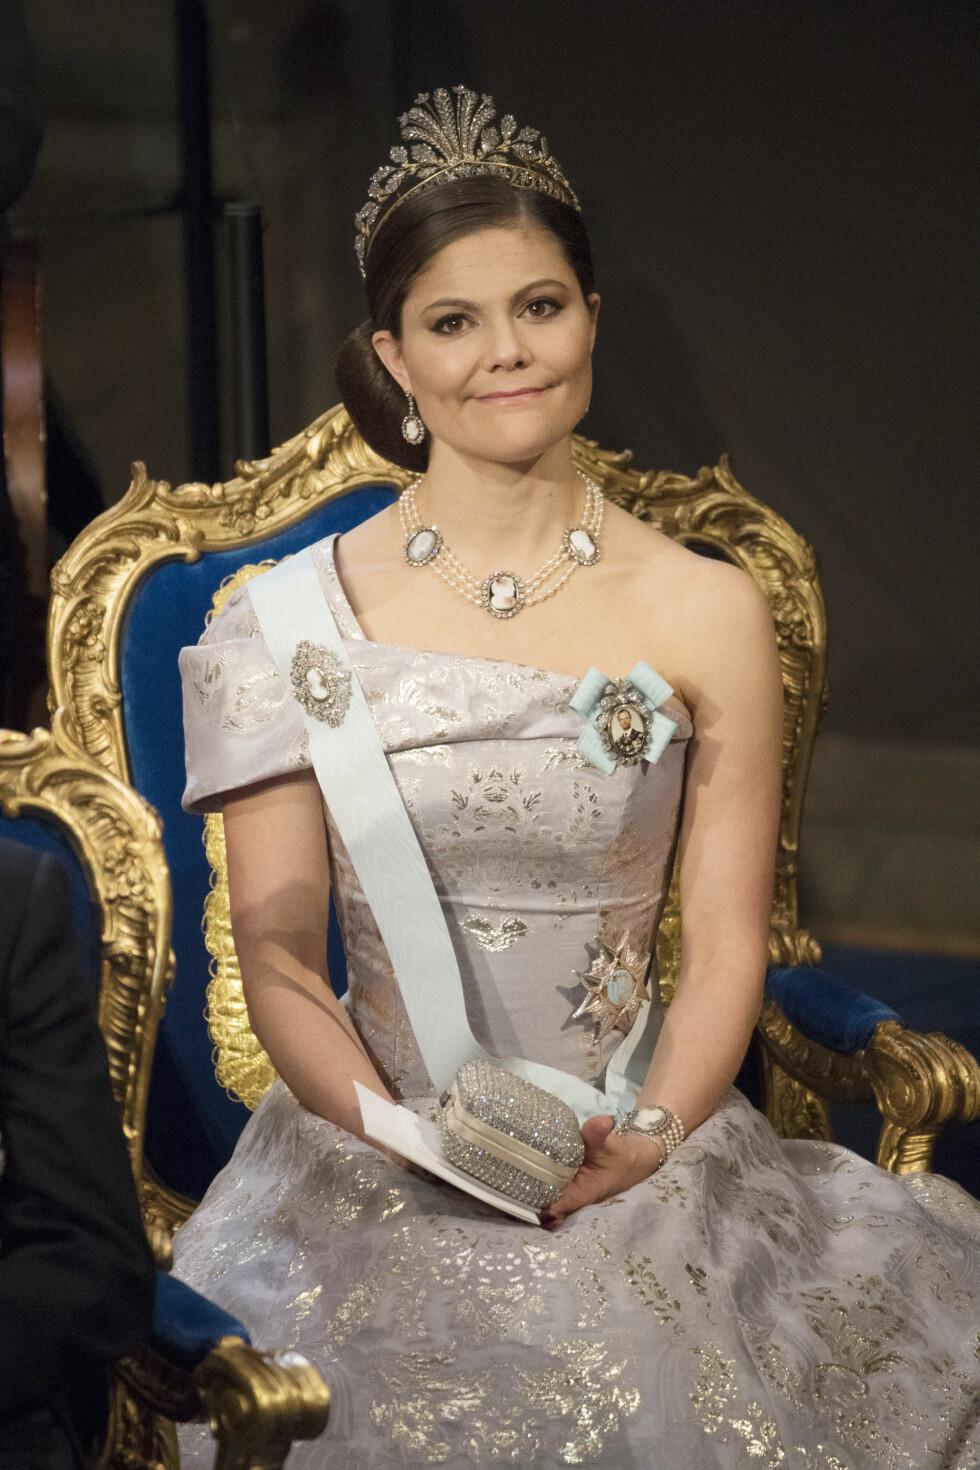 BILLIG LUKSUS: Kronprinsesse Victoria i en spesialdesignet kjole fra svenske Hennes & Mauritz. Den er laget av økologisk og bæredyktig stoff.  Foto: NTB Scanpix